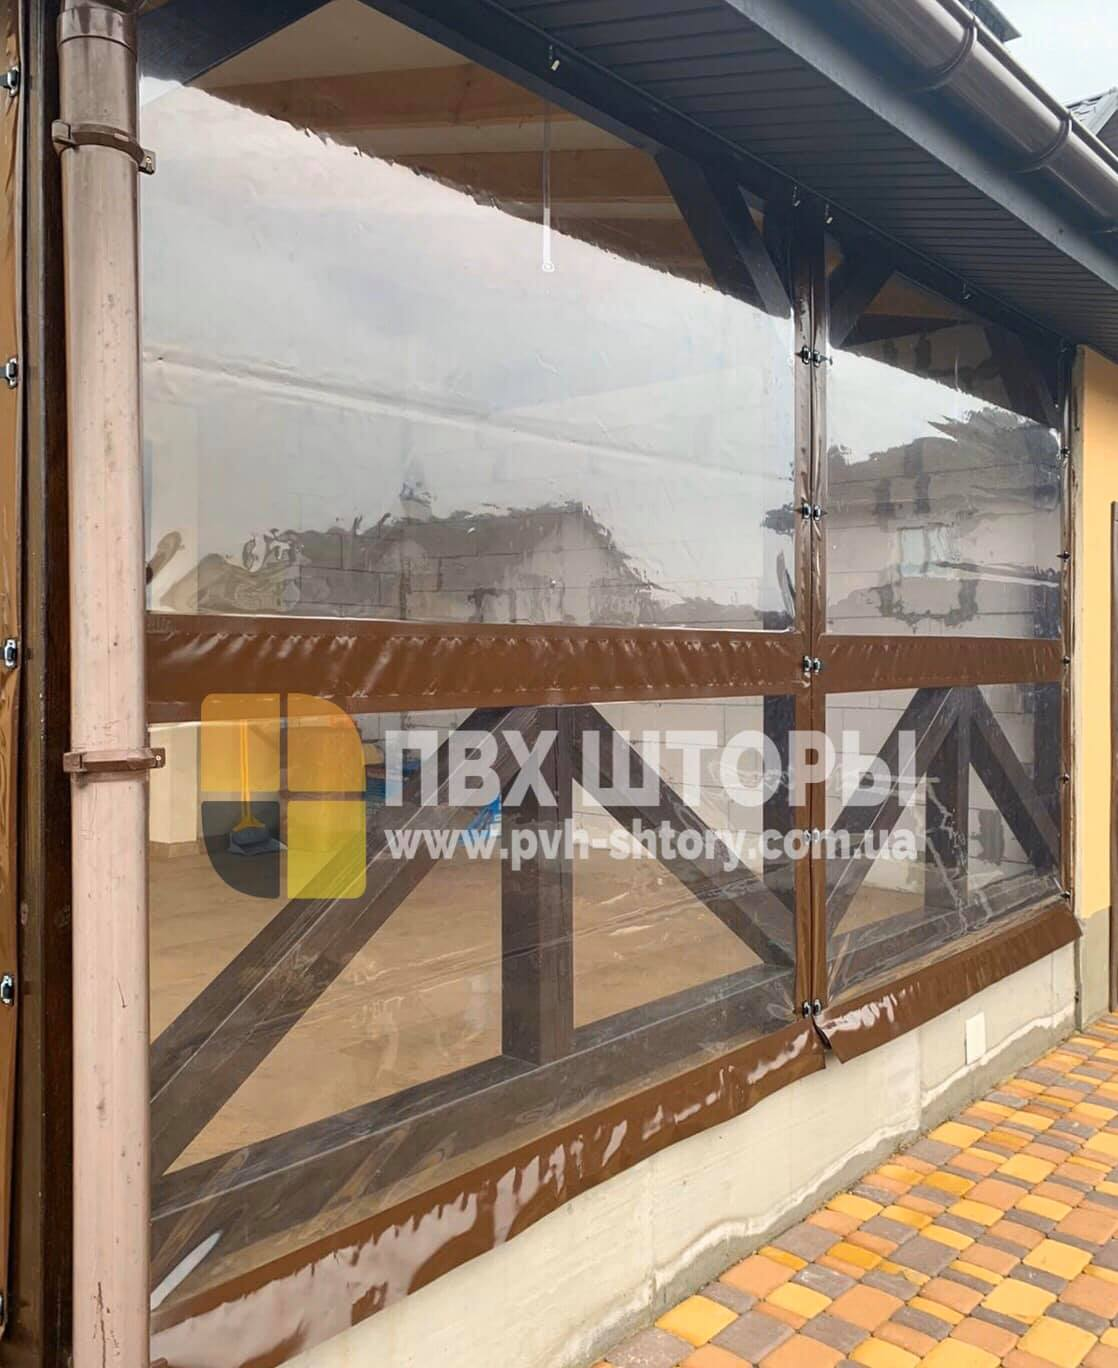 ПВХ шторы для веранды в Дергачах